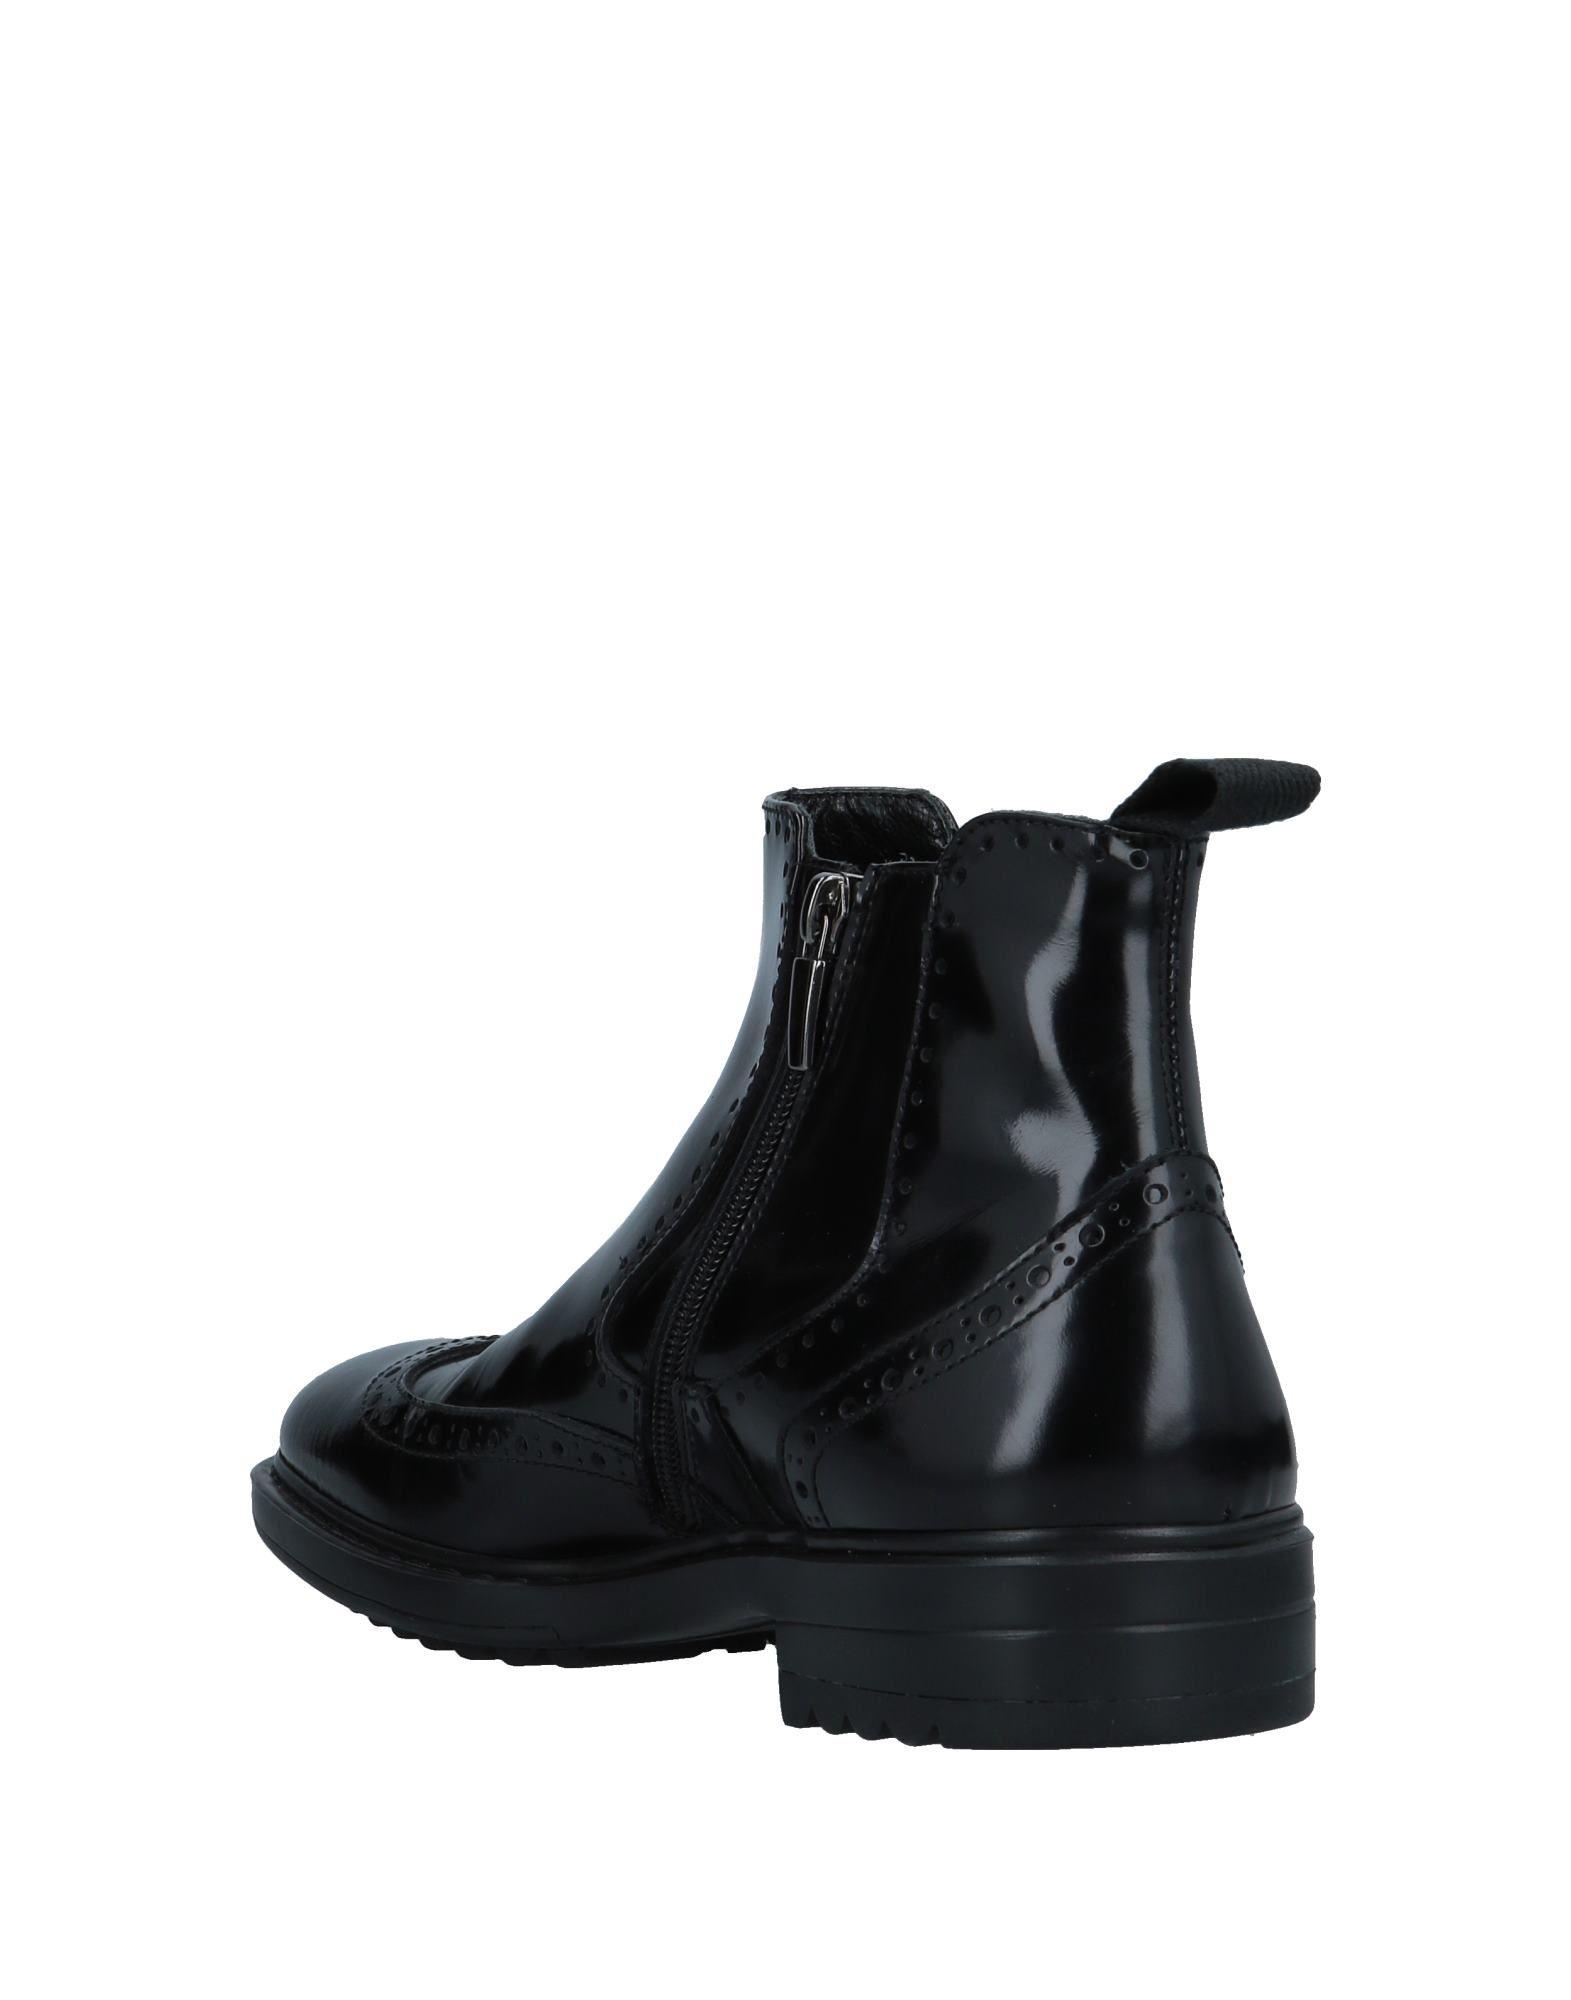 Vito Vito Vito Della Mora Boots - Men Vito Della Mora Boots online on  Australia - 11557455UB 7a06b7